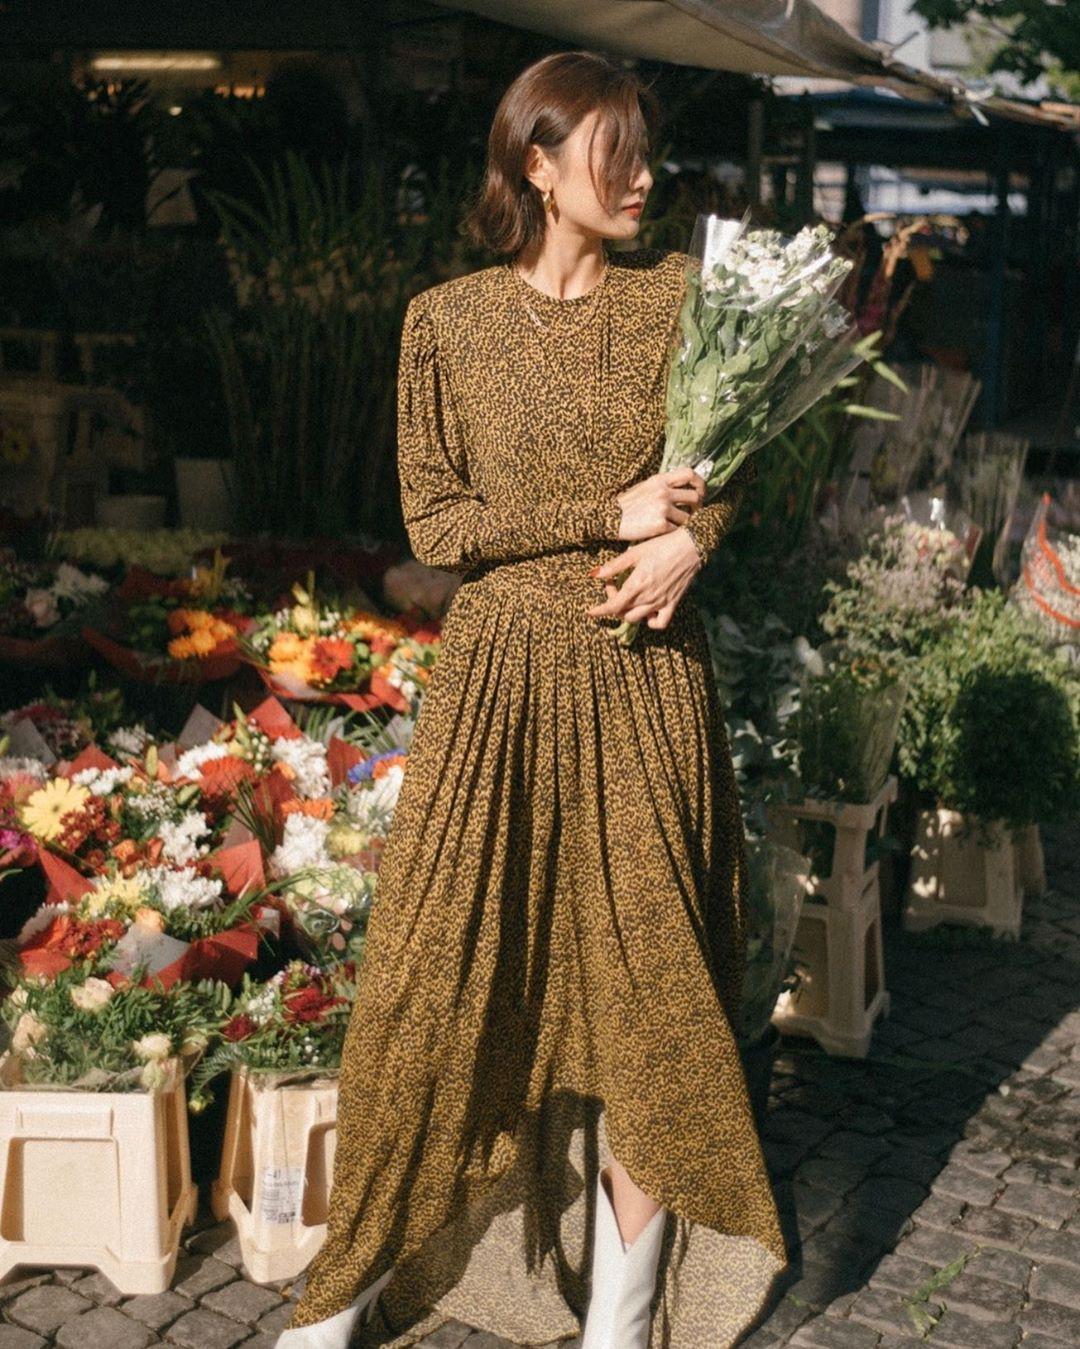 Bỗng thấy không kiểu váy nào vượt qua được váy dáng dài về độ sang chảnh, yêu kiều và hợp rơ với tiết trời se lạnh - Hình 8